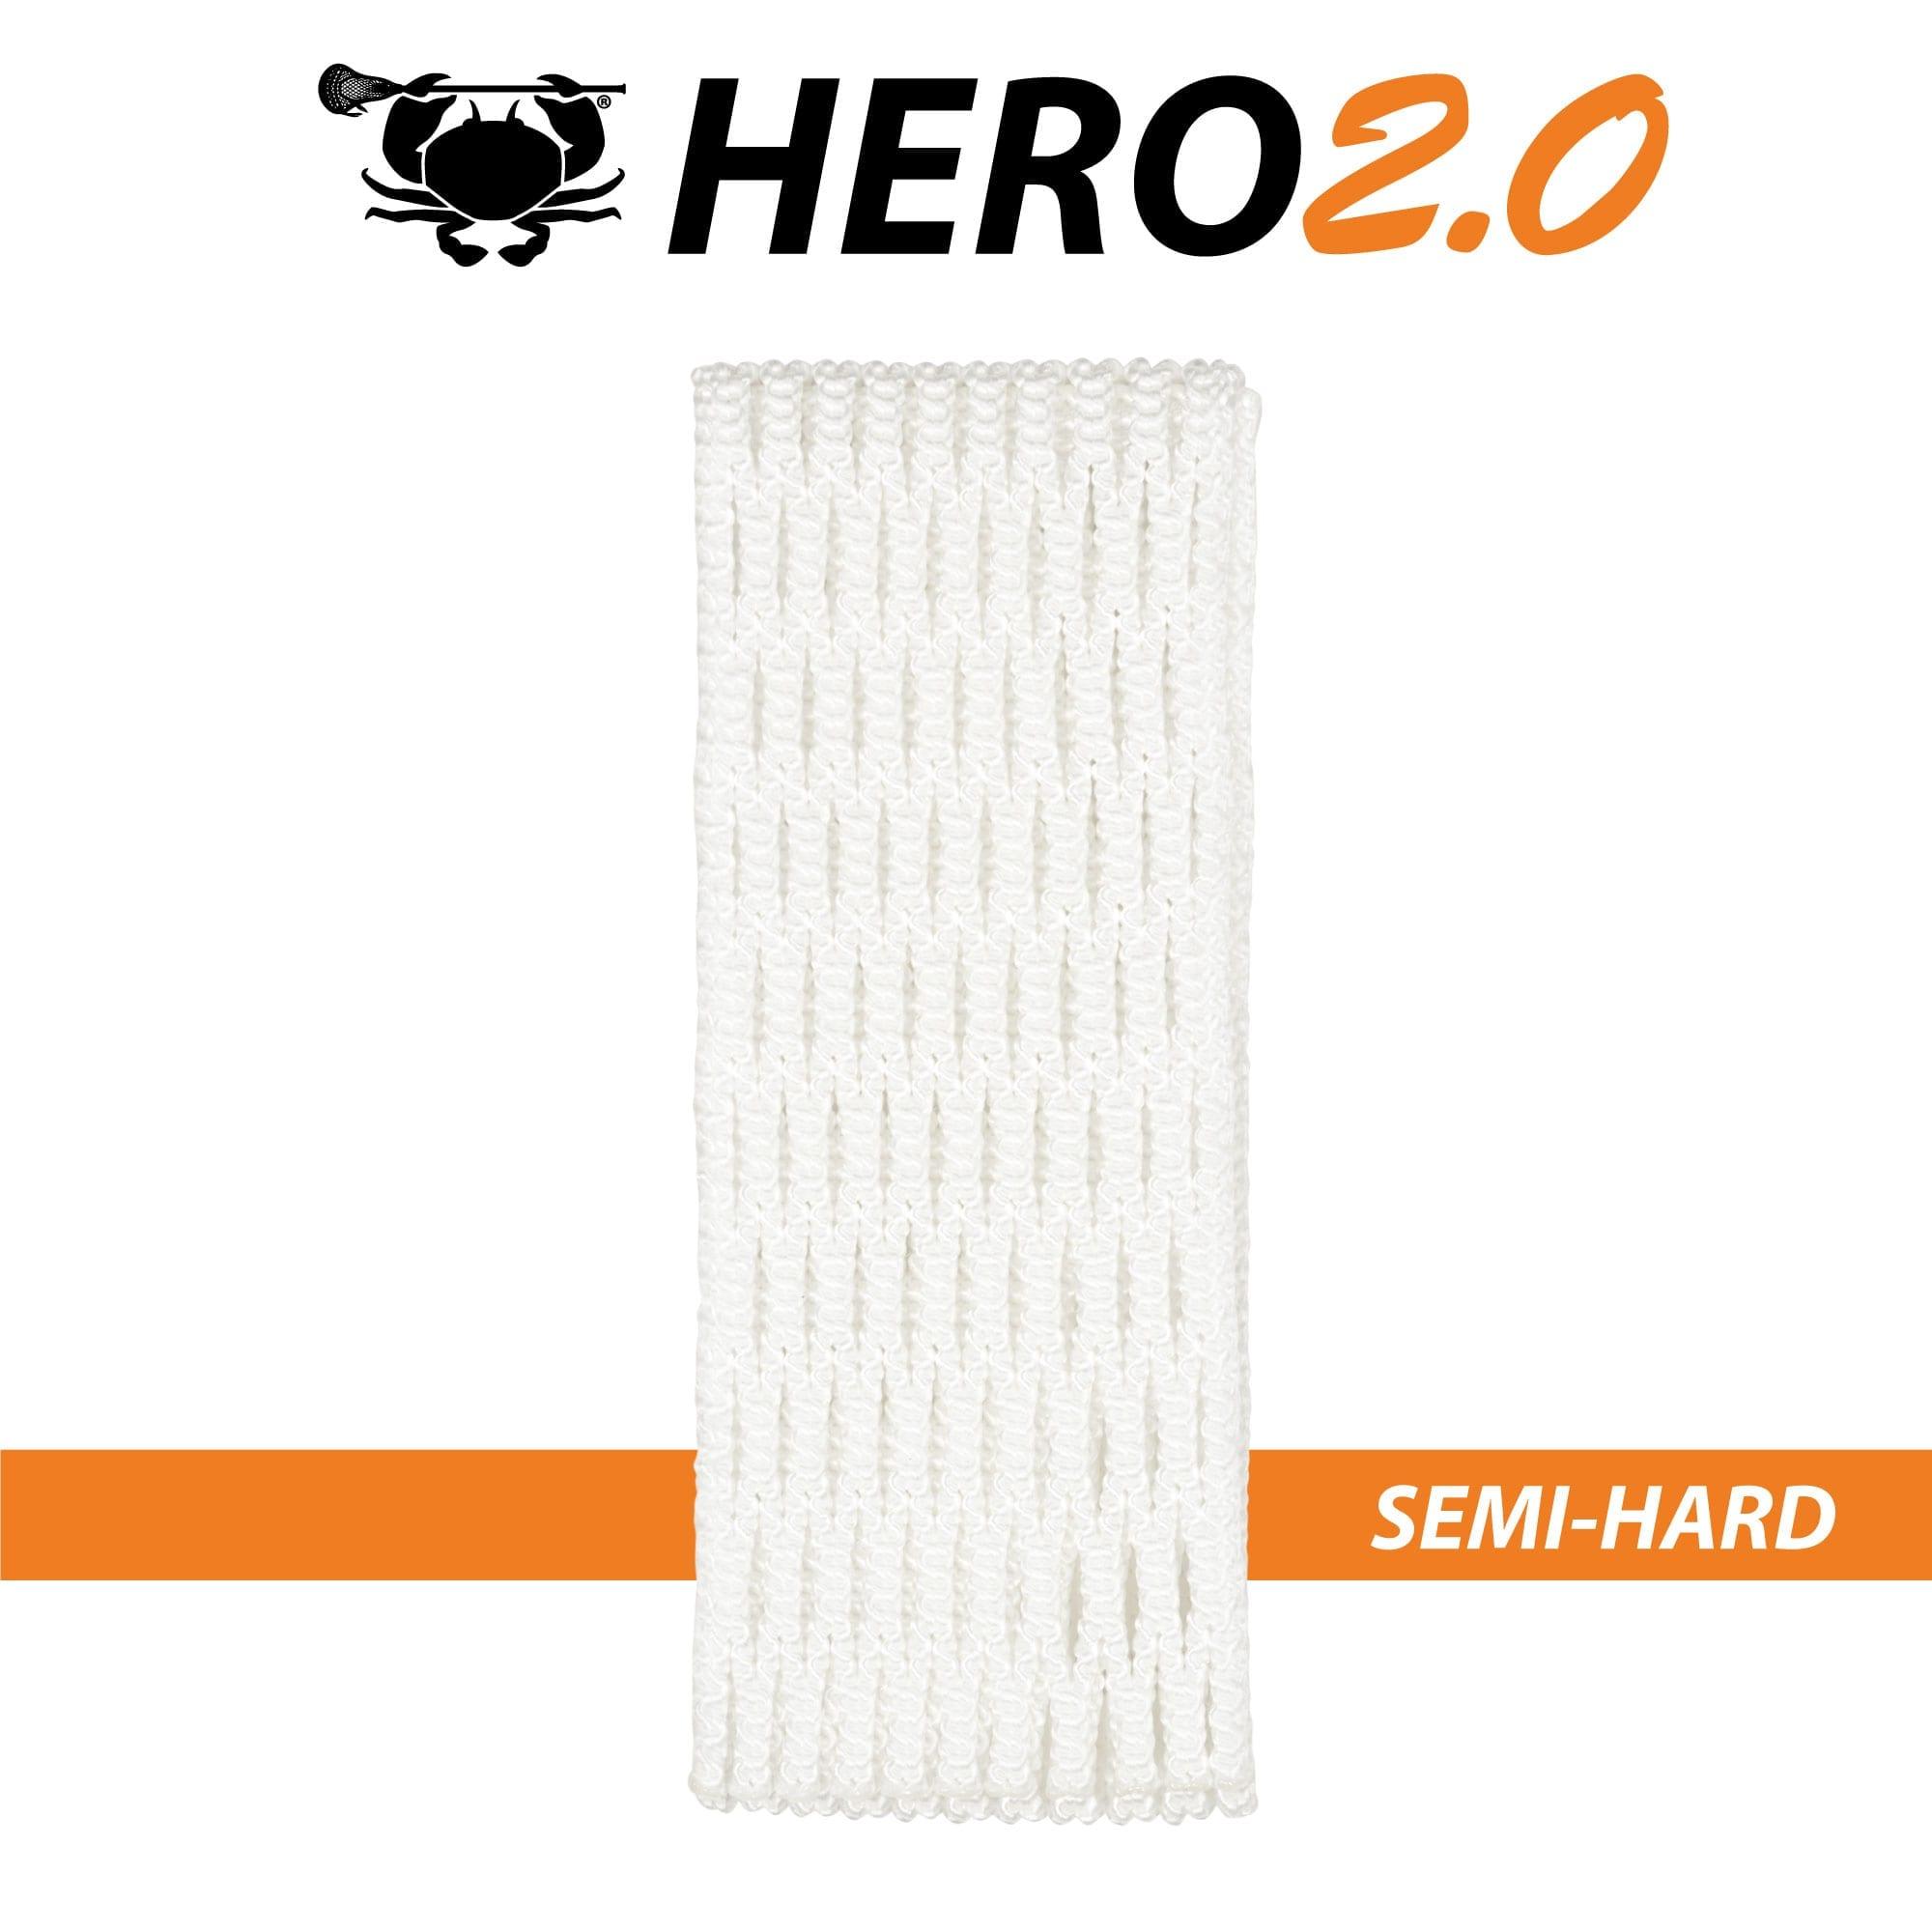 Hero2.0-White-SH-Main-1.jpg